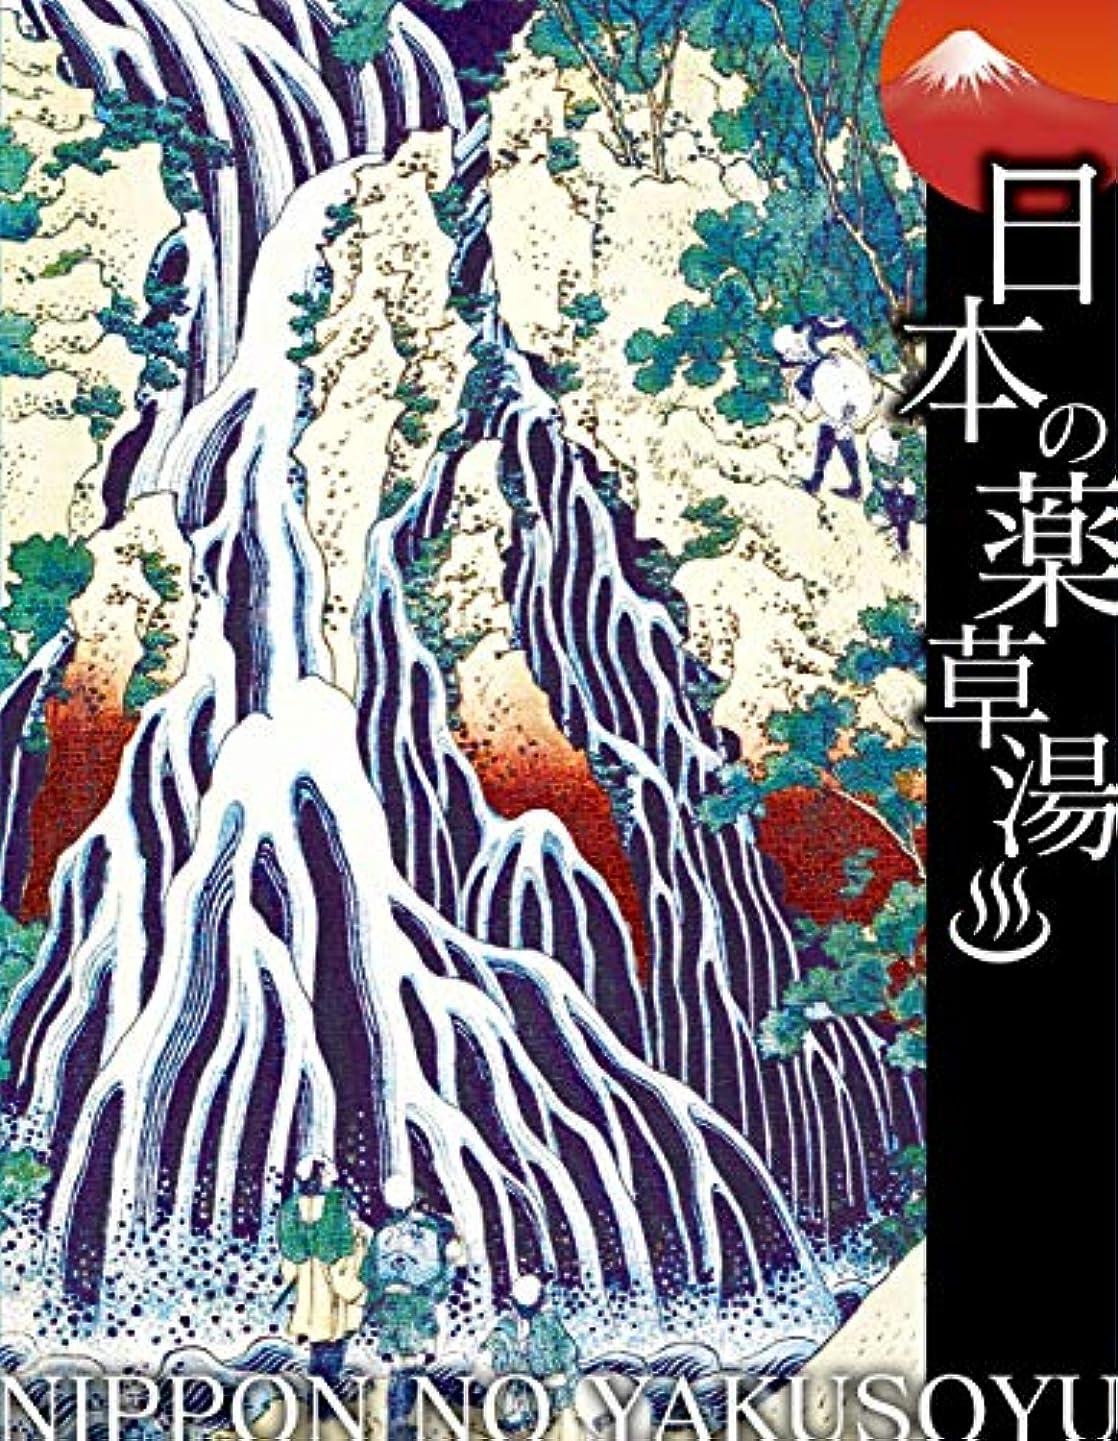 ユニークな薬局浜辺日本の薬草湯 下野黒髪山きりふきの滝(諸国瀧廻り)